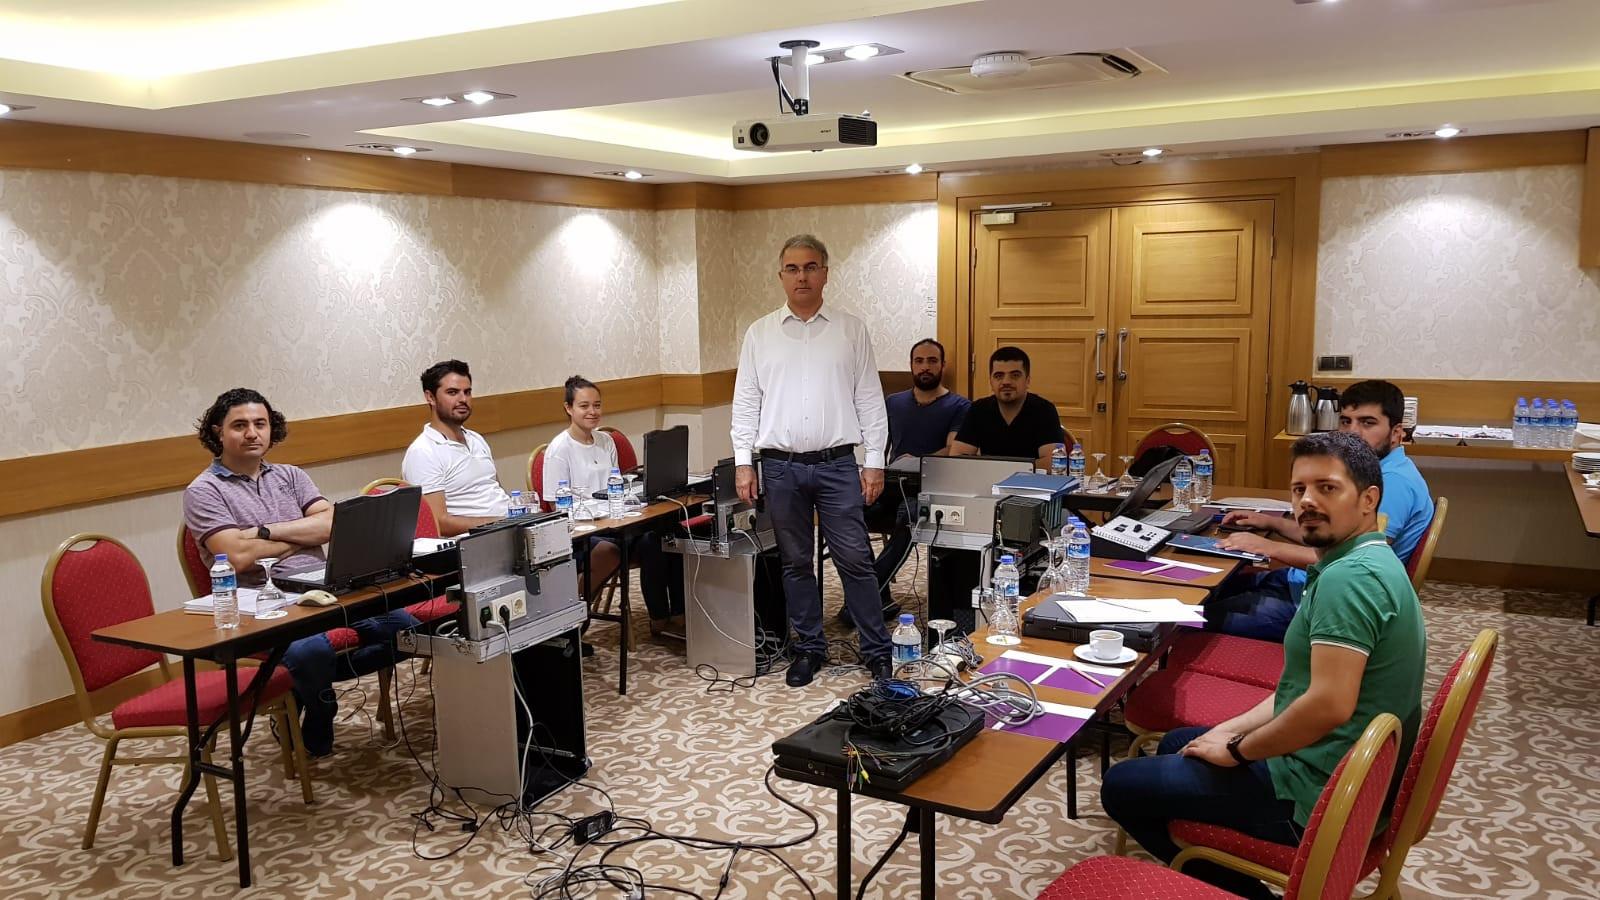 İSTE-TTO & SIEMENS İşbirliği ile Simatic S7 300/400 Sistem 2 Eğitimi